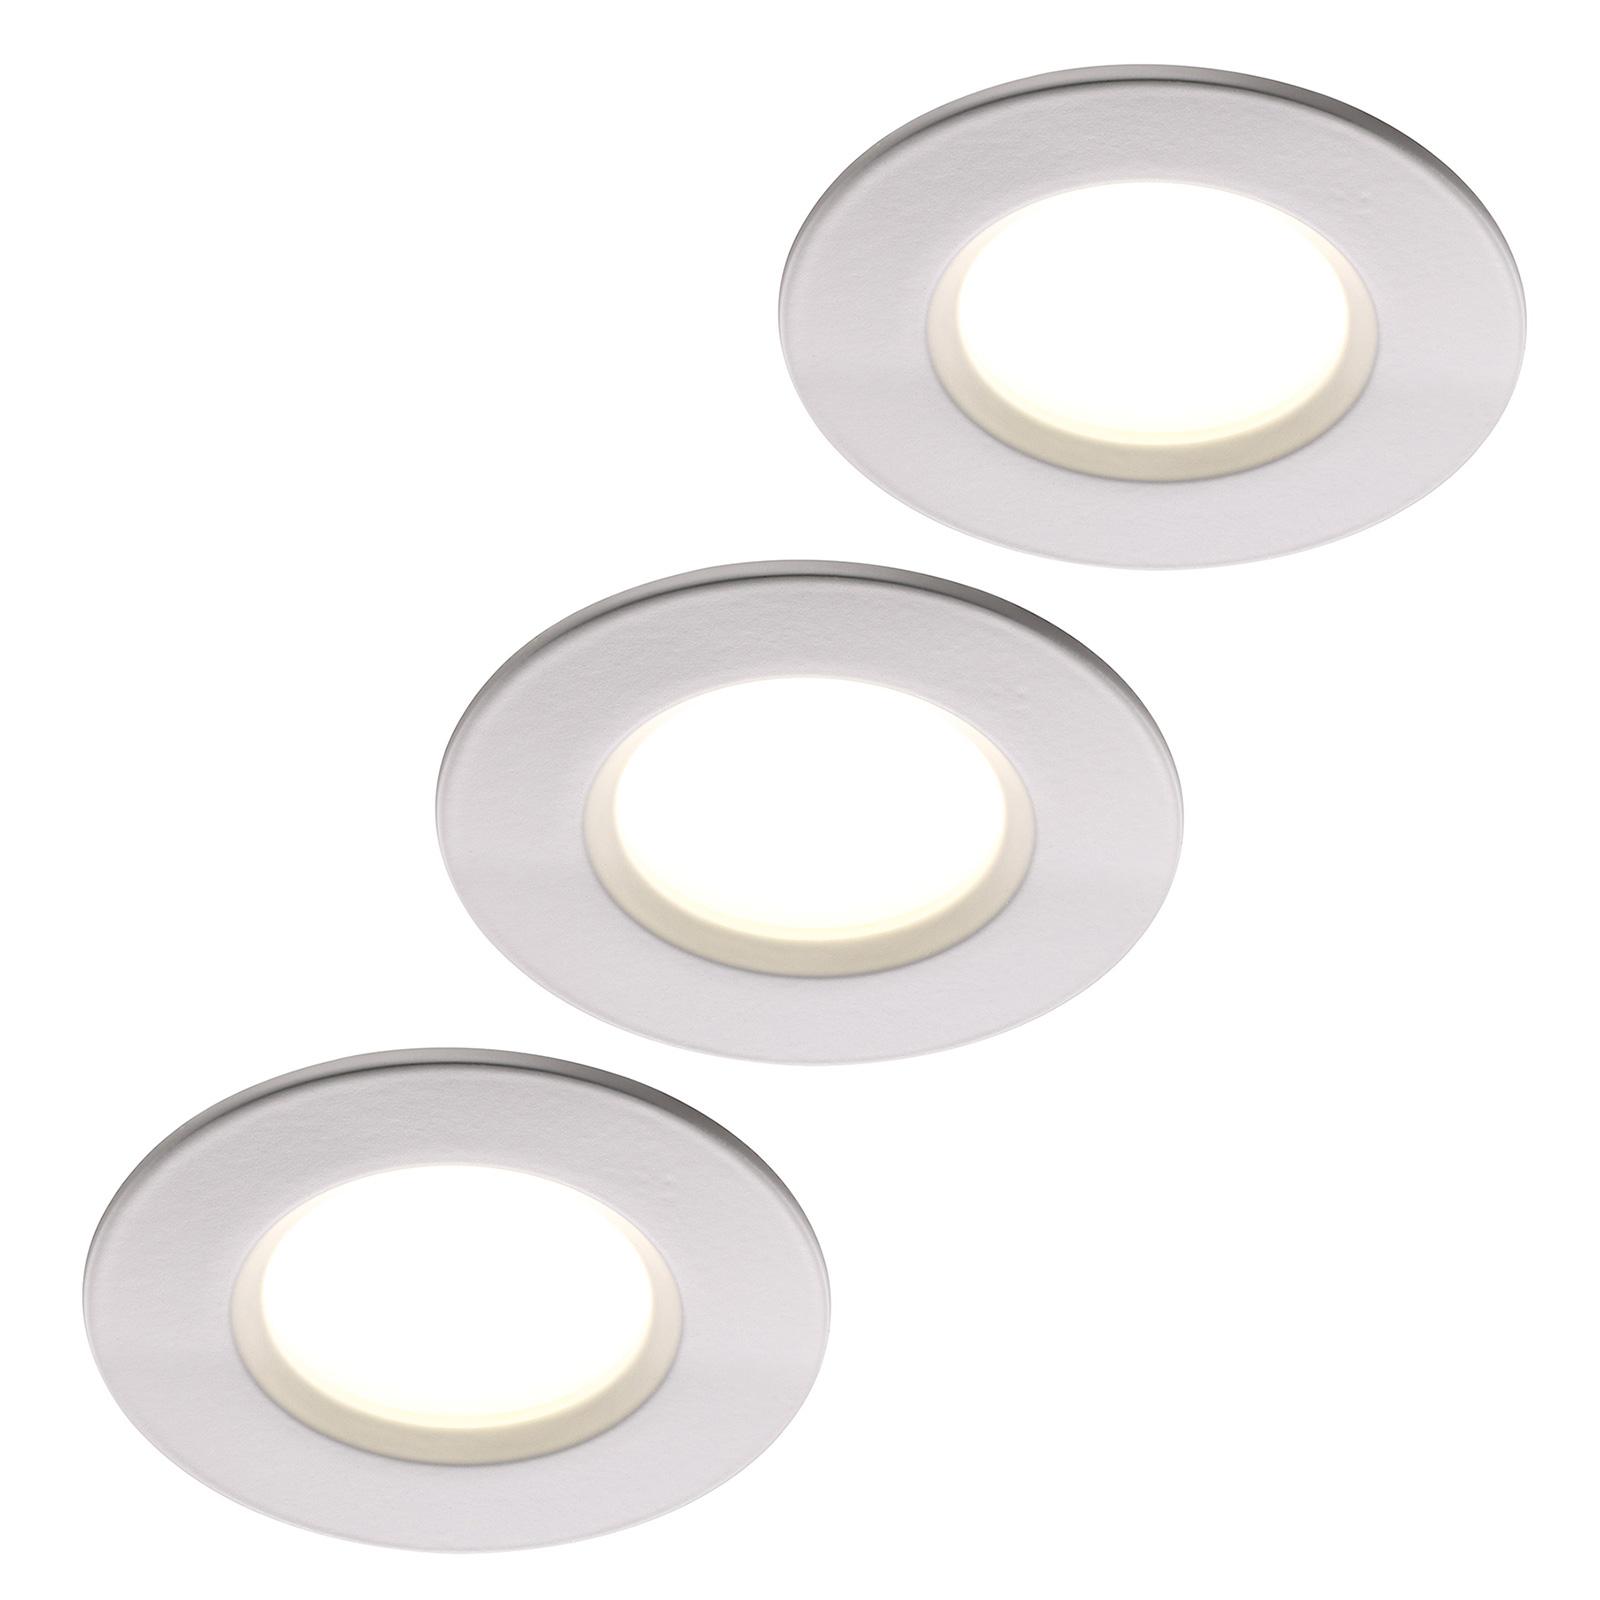 LED-Einbauleuchte Clarkson 3er-Set, rund, weiß